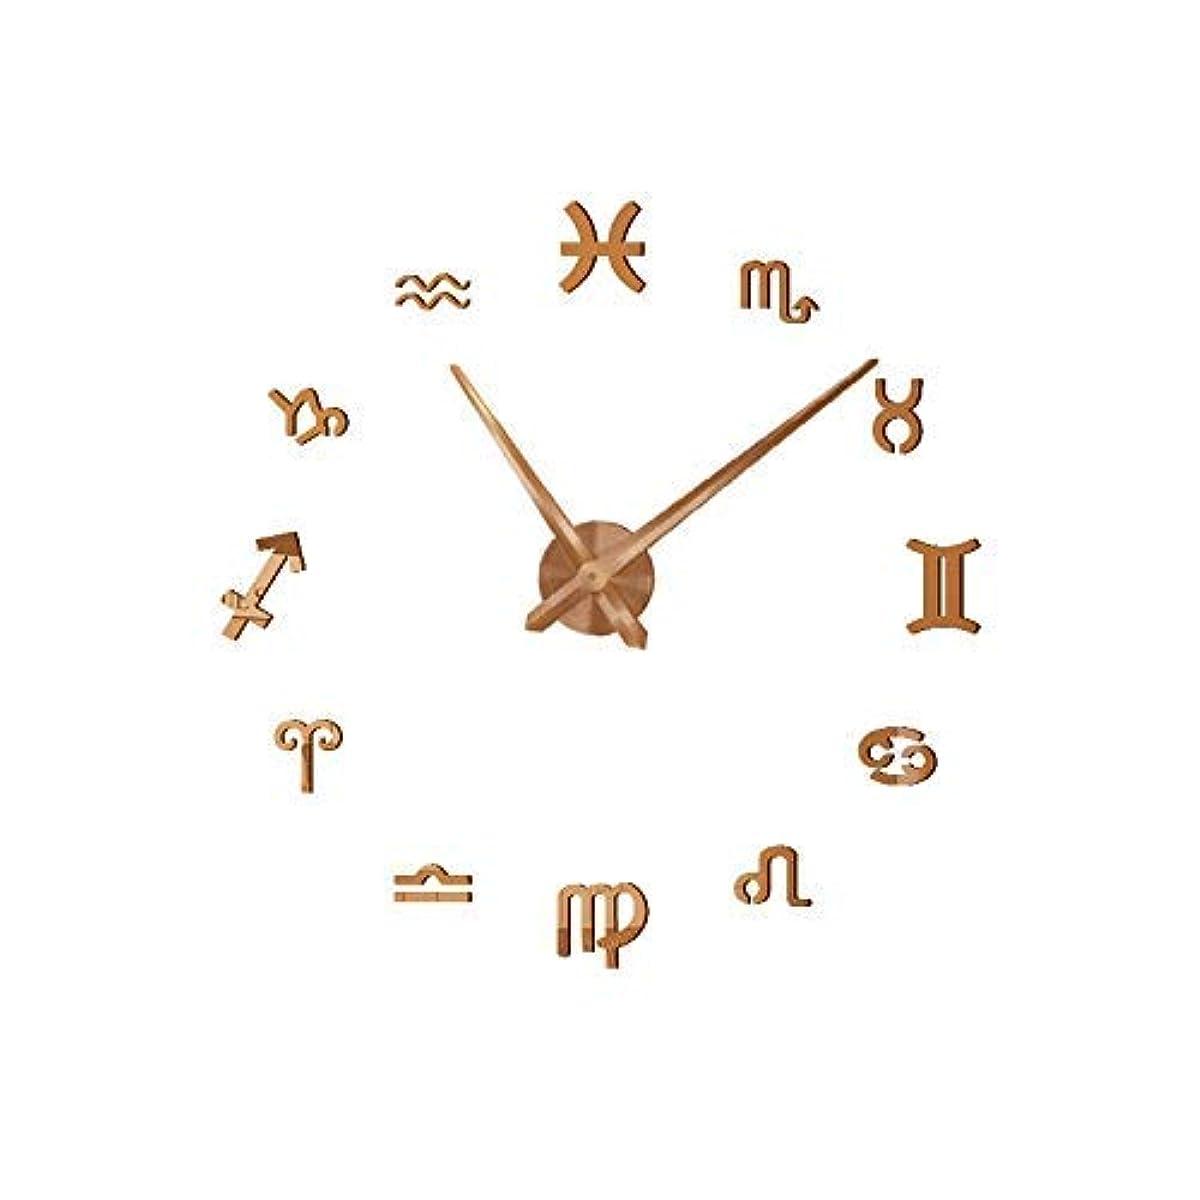 モザイク気質最初にクロック 掛け時計 電波 アナログ リビングルーム北欧の大きな壁ウォッチホームデコレーションサイレント、ゴールデン、ブラウンのためのDIYウォールクロックステッカーモダンデザイン12星座ビッグ時計